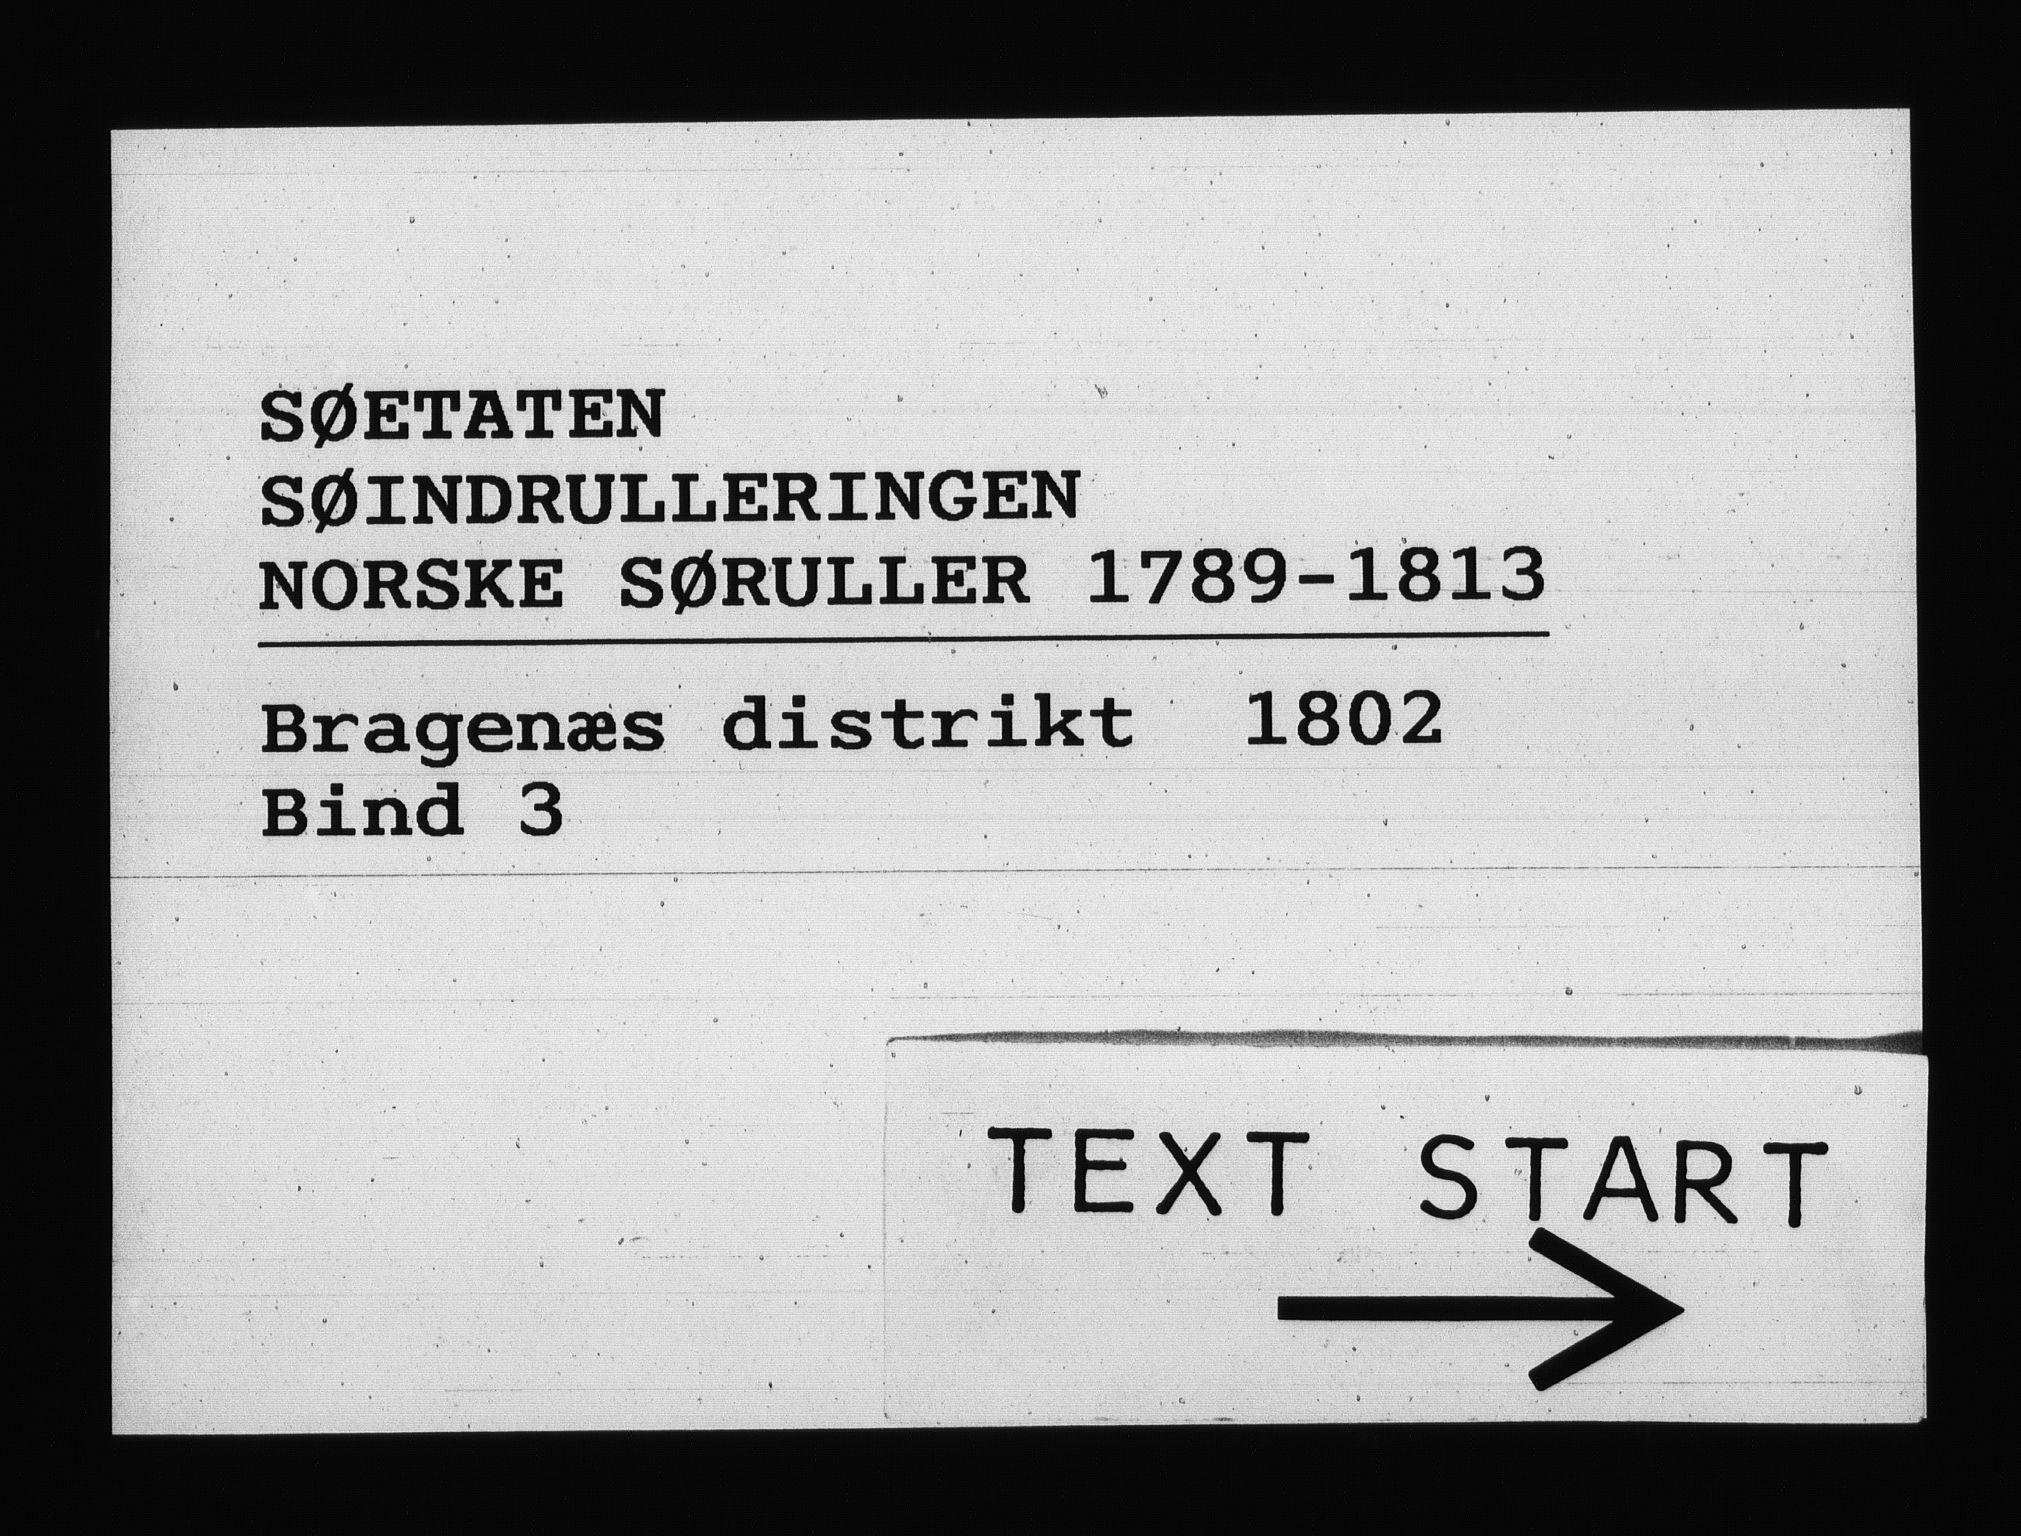 RA, Sjøetaten, F/L0145: Bragernes distrikt, bind 3, 1802